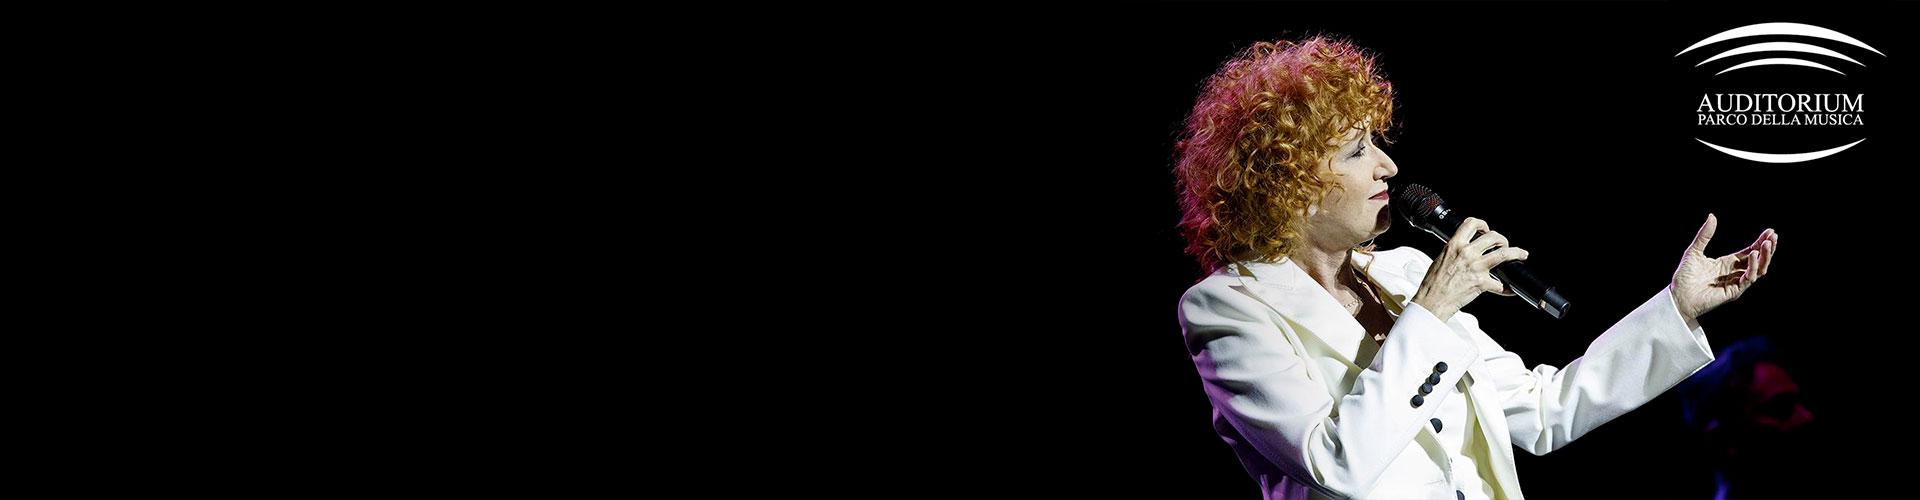 """FIORELLA MANNOIA""""PERSONALE TOUR""""28 DicembreAUDITORIUM PARCO DELLA MUSICA ROMA"""